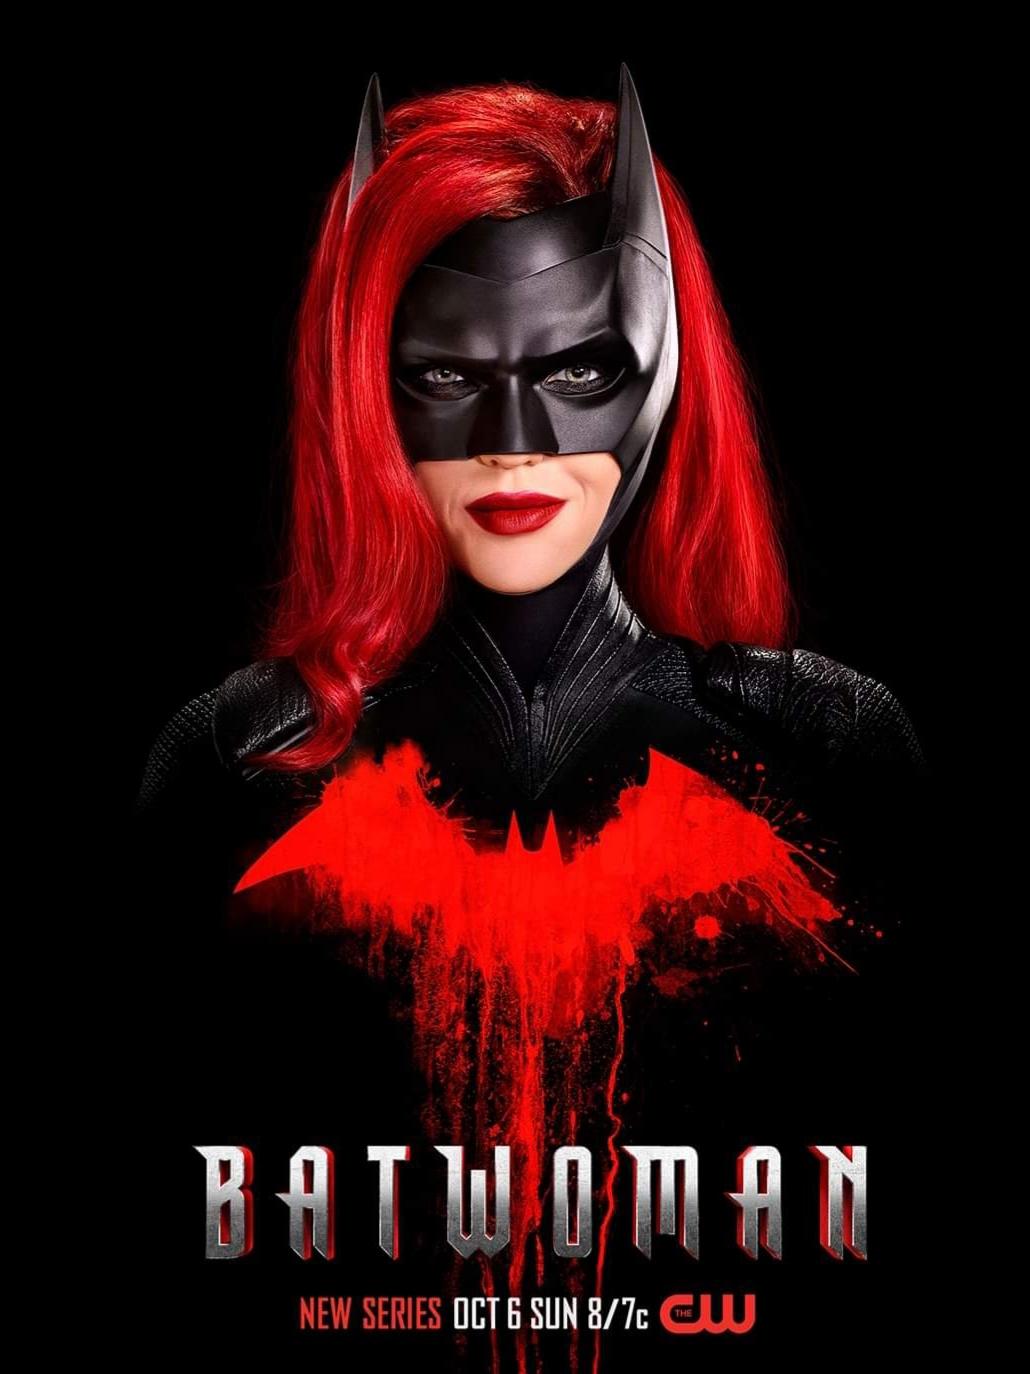 Batwoman Amazon Prime Poster